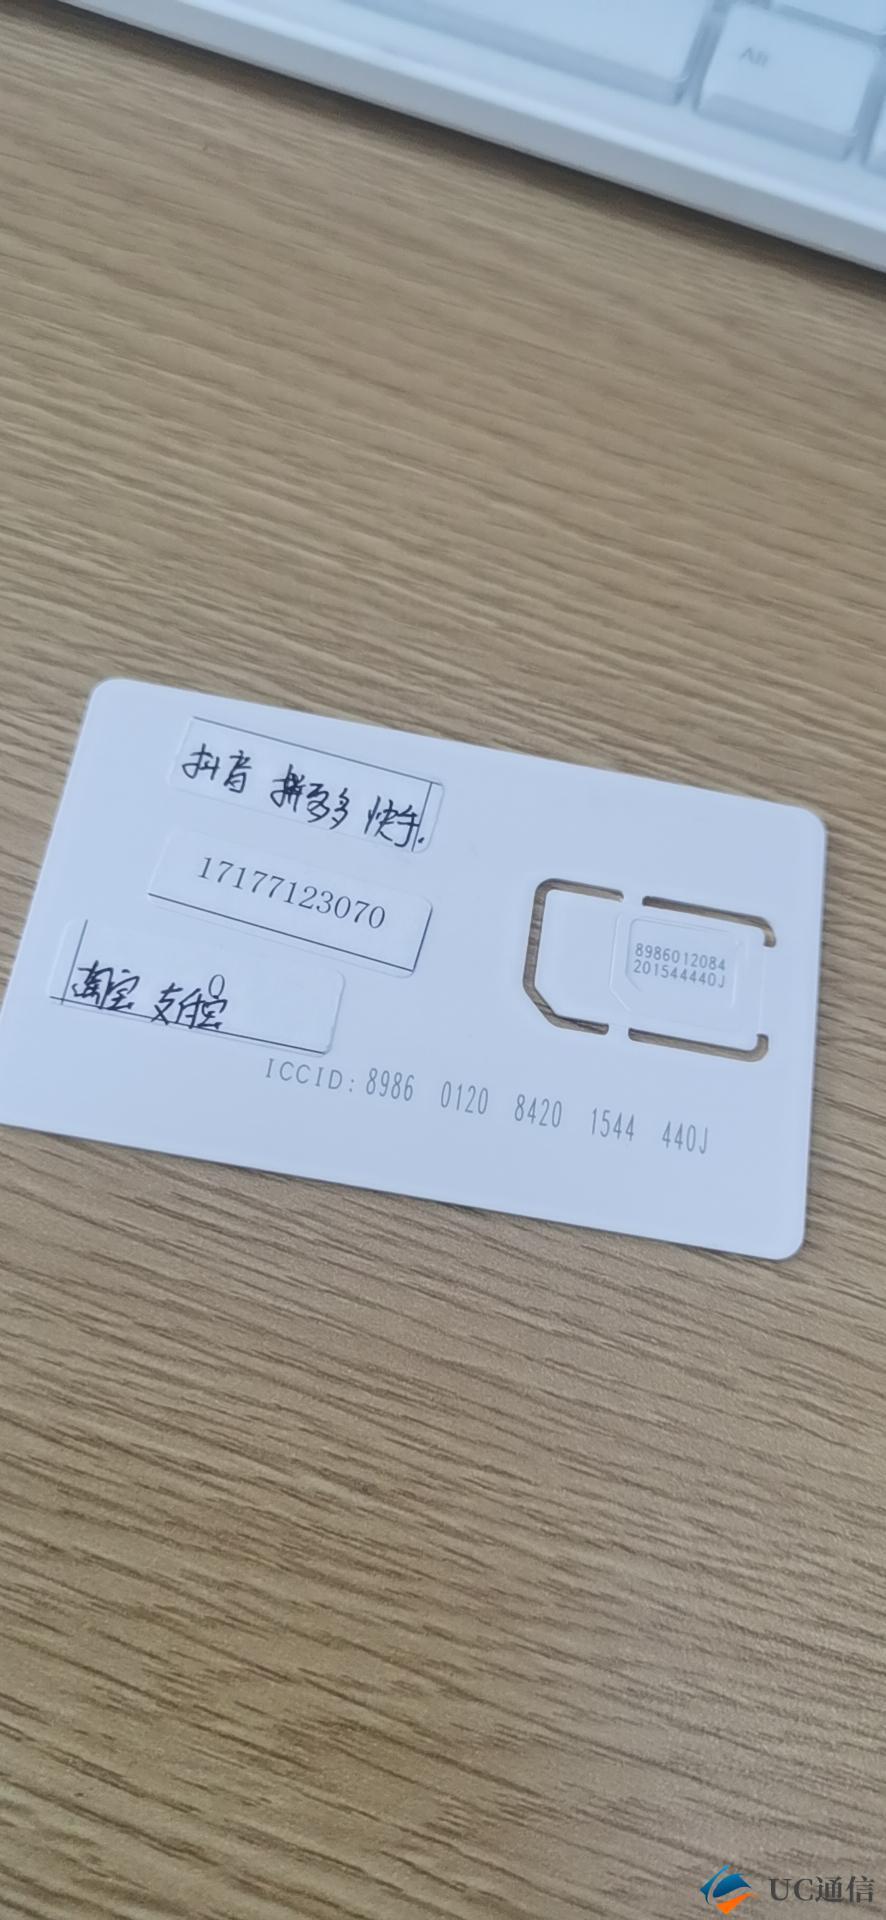 2020年最新带语音功能的民生170-171注册卡,目前注册项目齐全,需要的抓紧拿货!【在售】